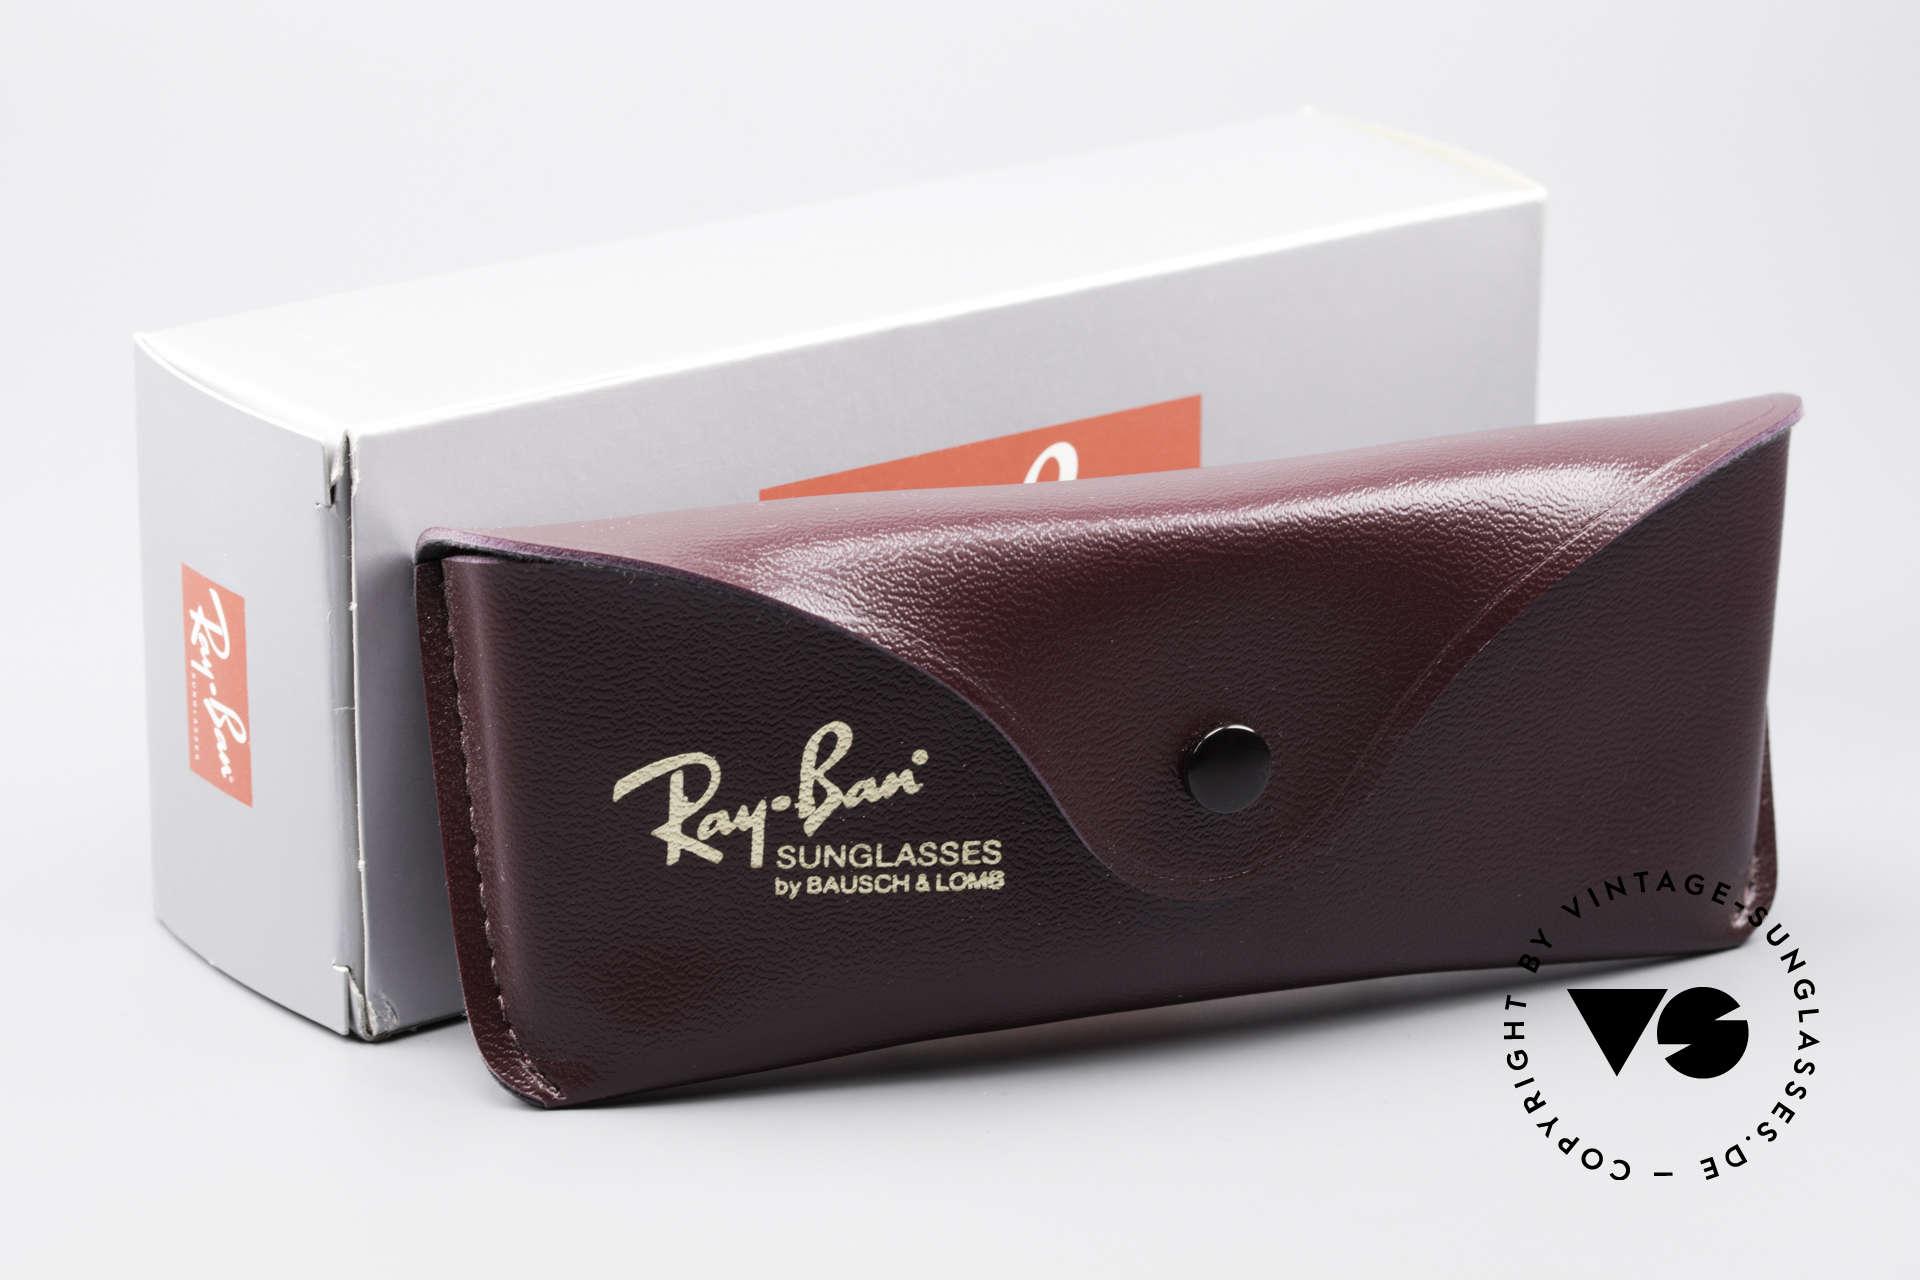 Ray Ban New Style Bausch & Lomb Italy Hybrid, KEINE Retrosonnenbrille; ein 20 Jahre altes Original, Passend für Herren und Damen